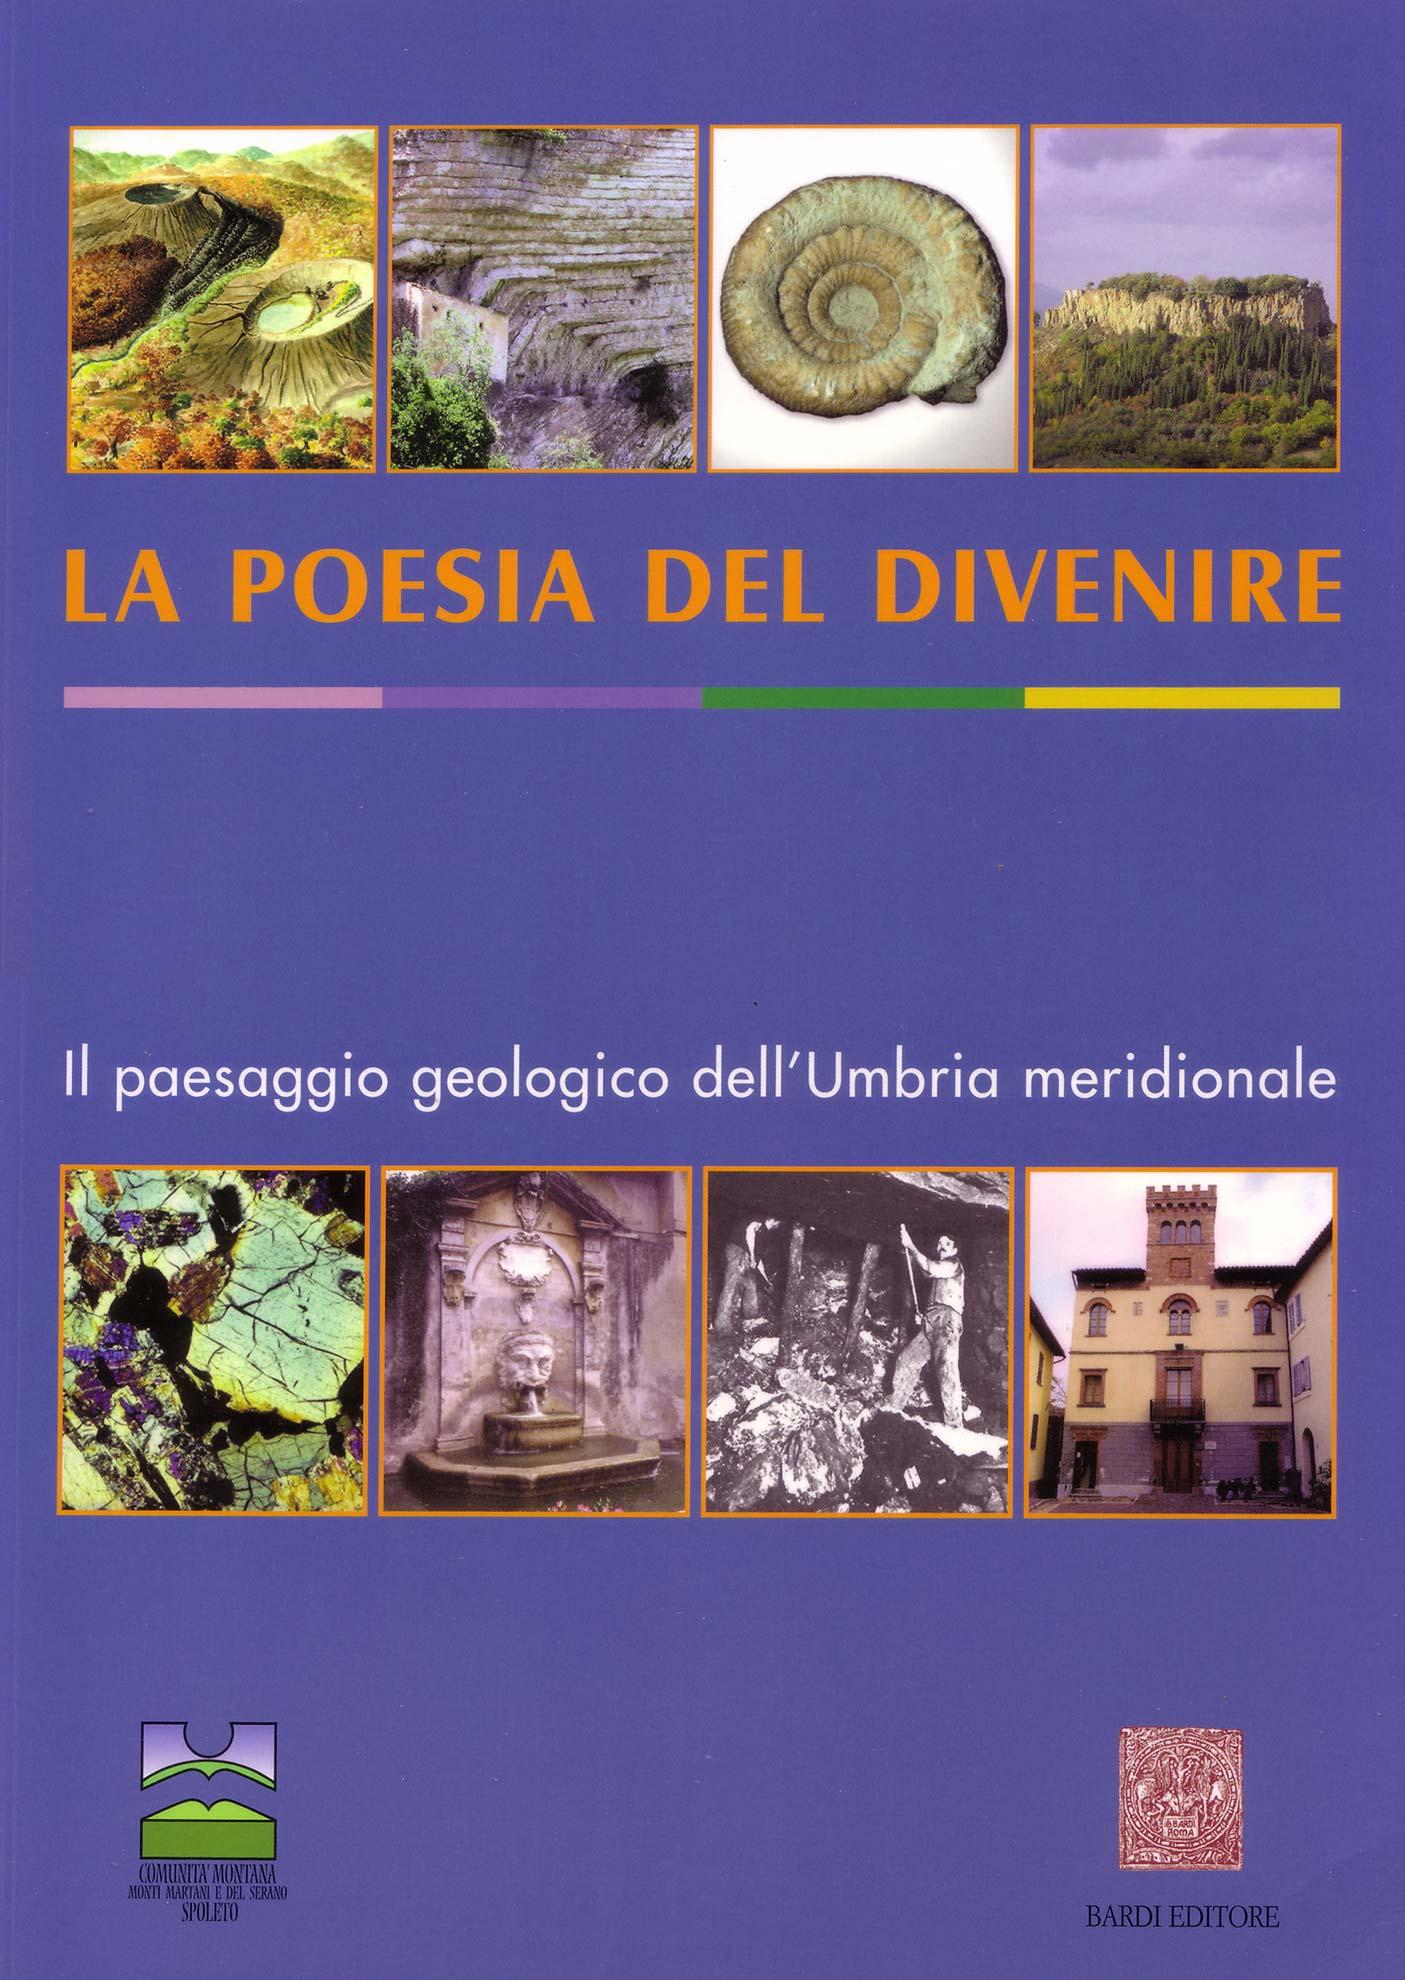 GEO-POESIA-DEL-DIVENIRE-COPertina-web